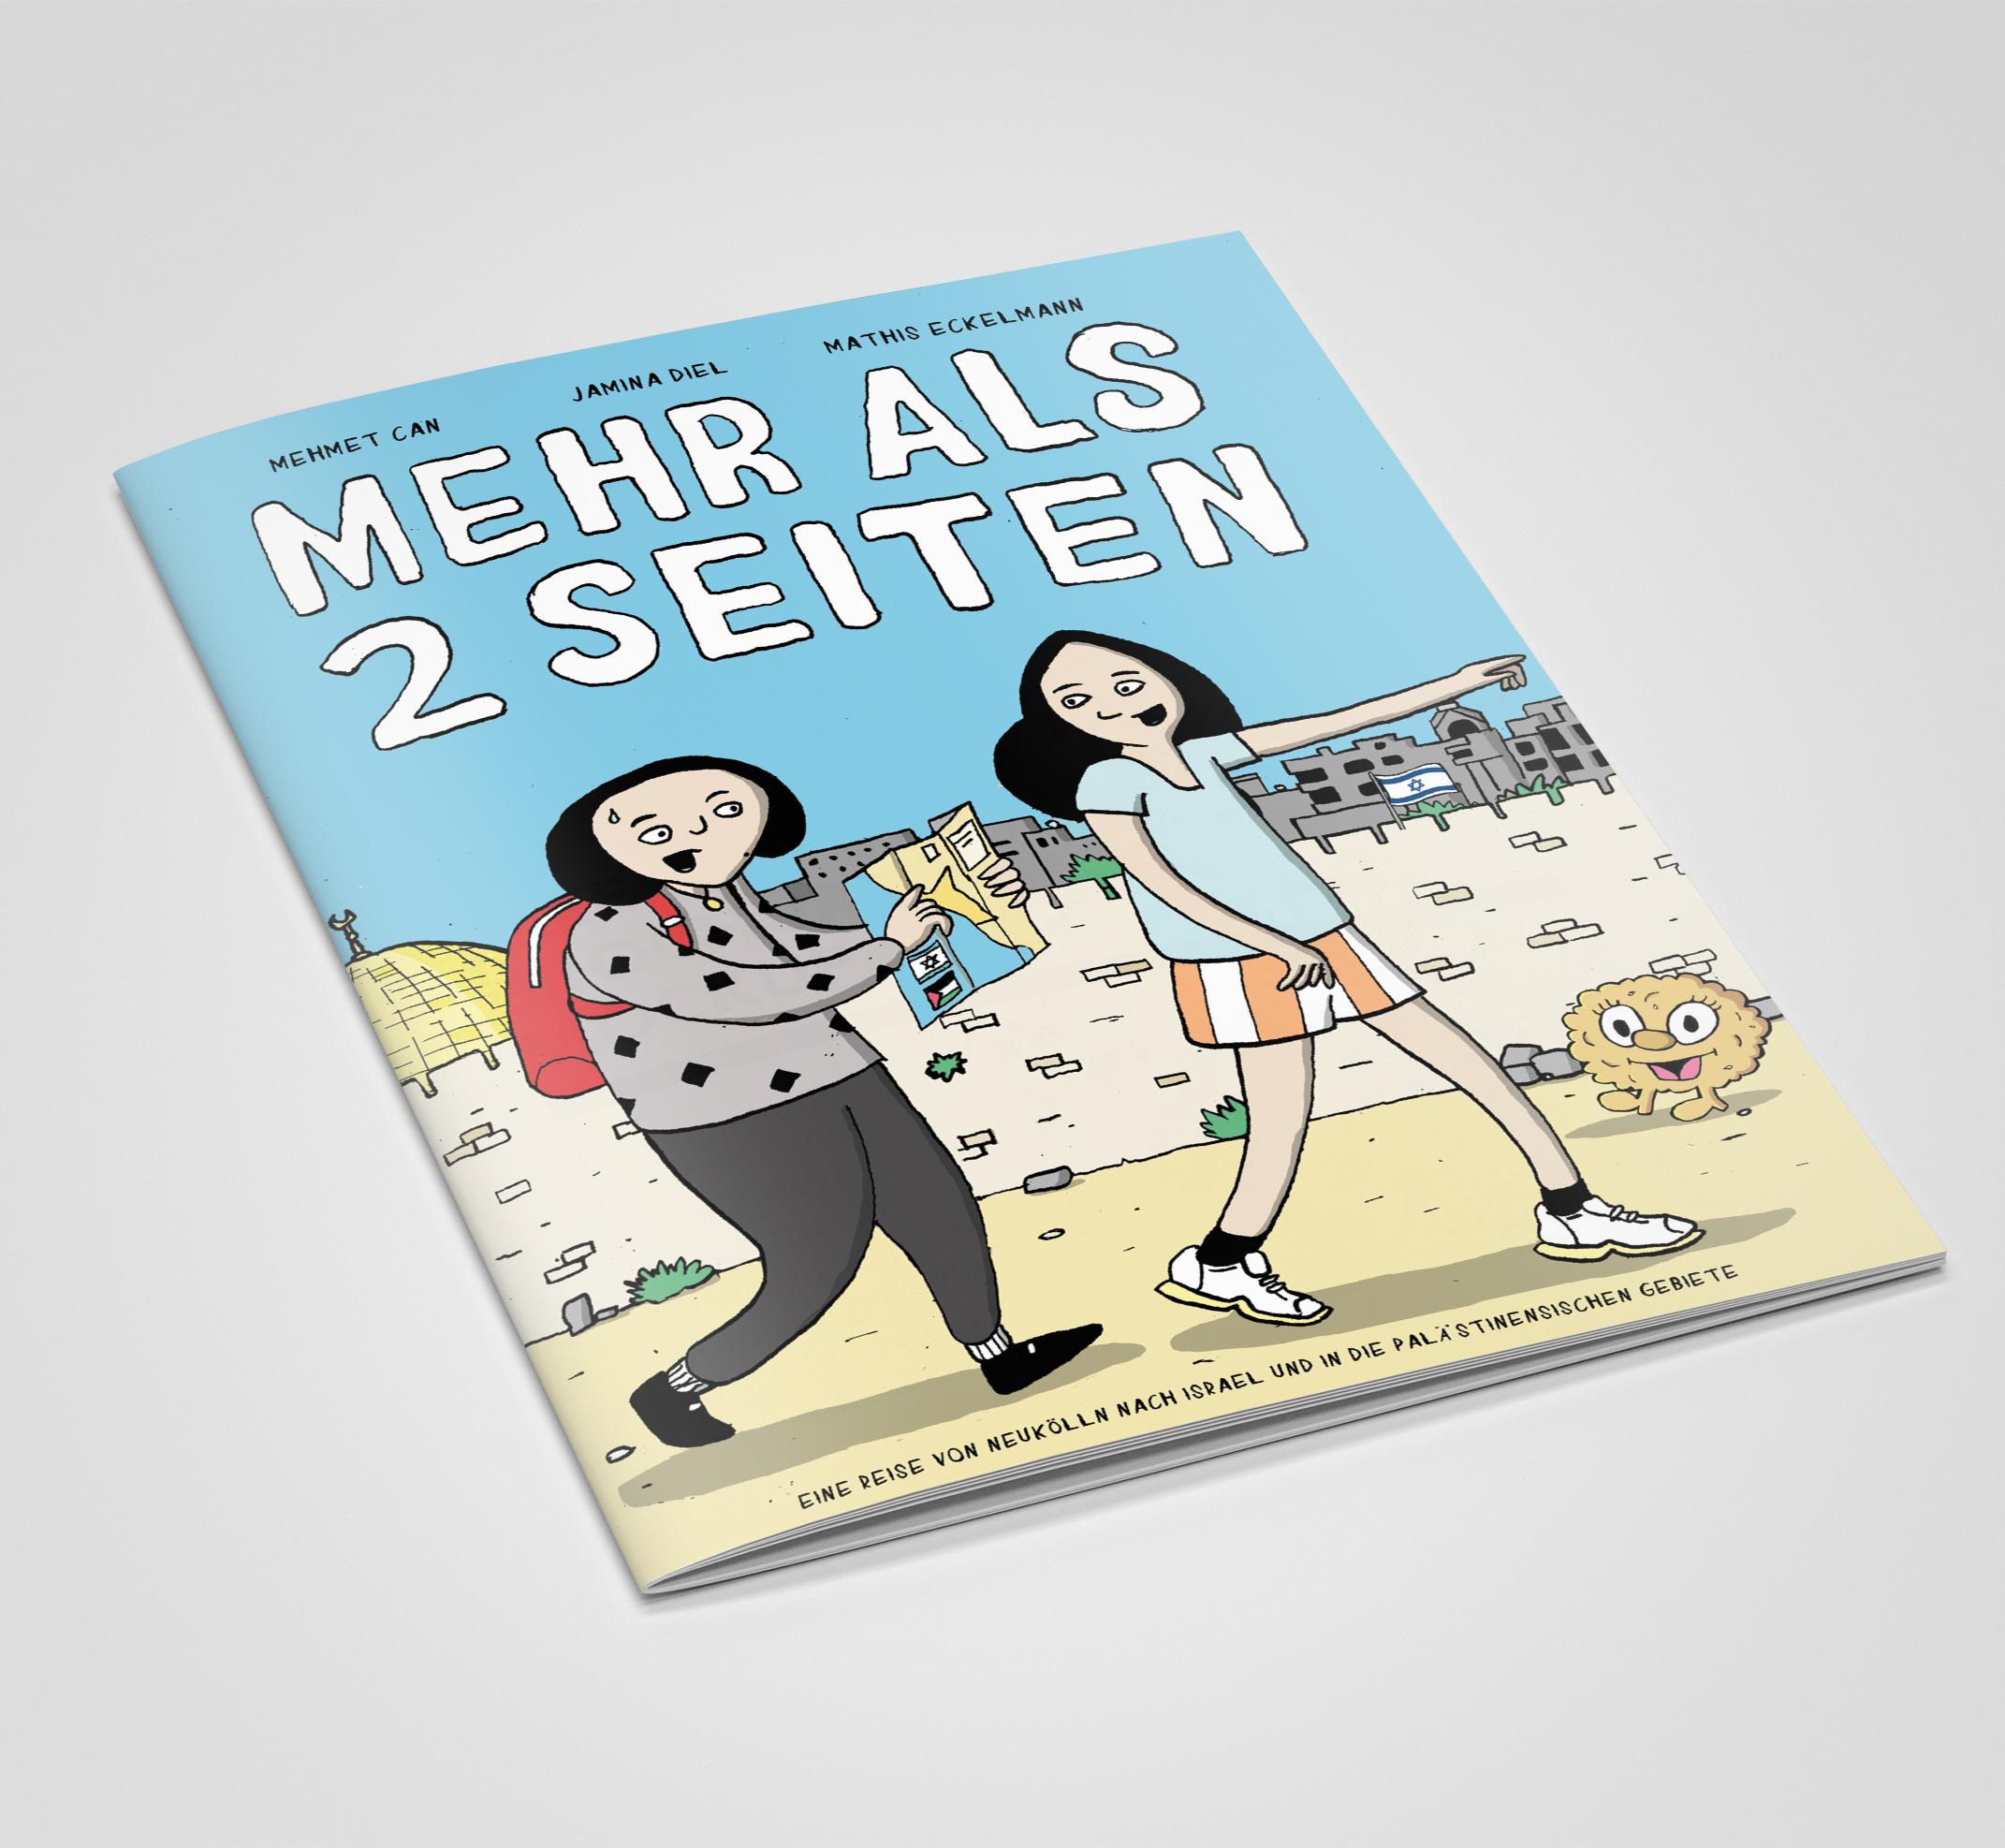 Mehr als 2 Seiten - Comic (2020/21)